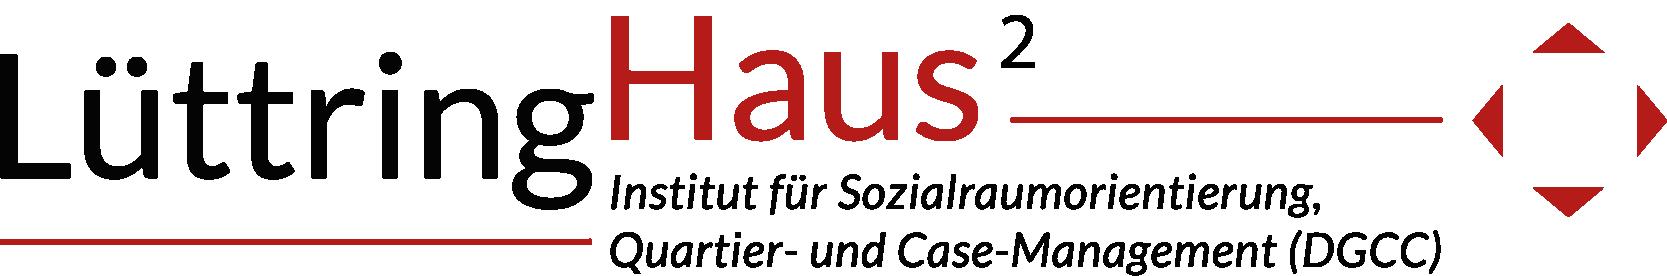 Lüttringhaus_Logo_hoch2